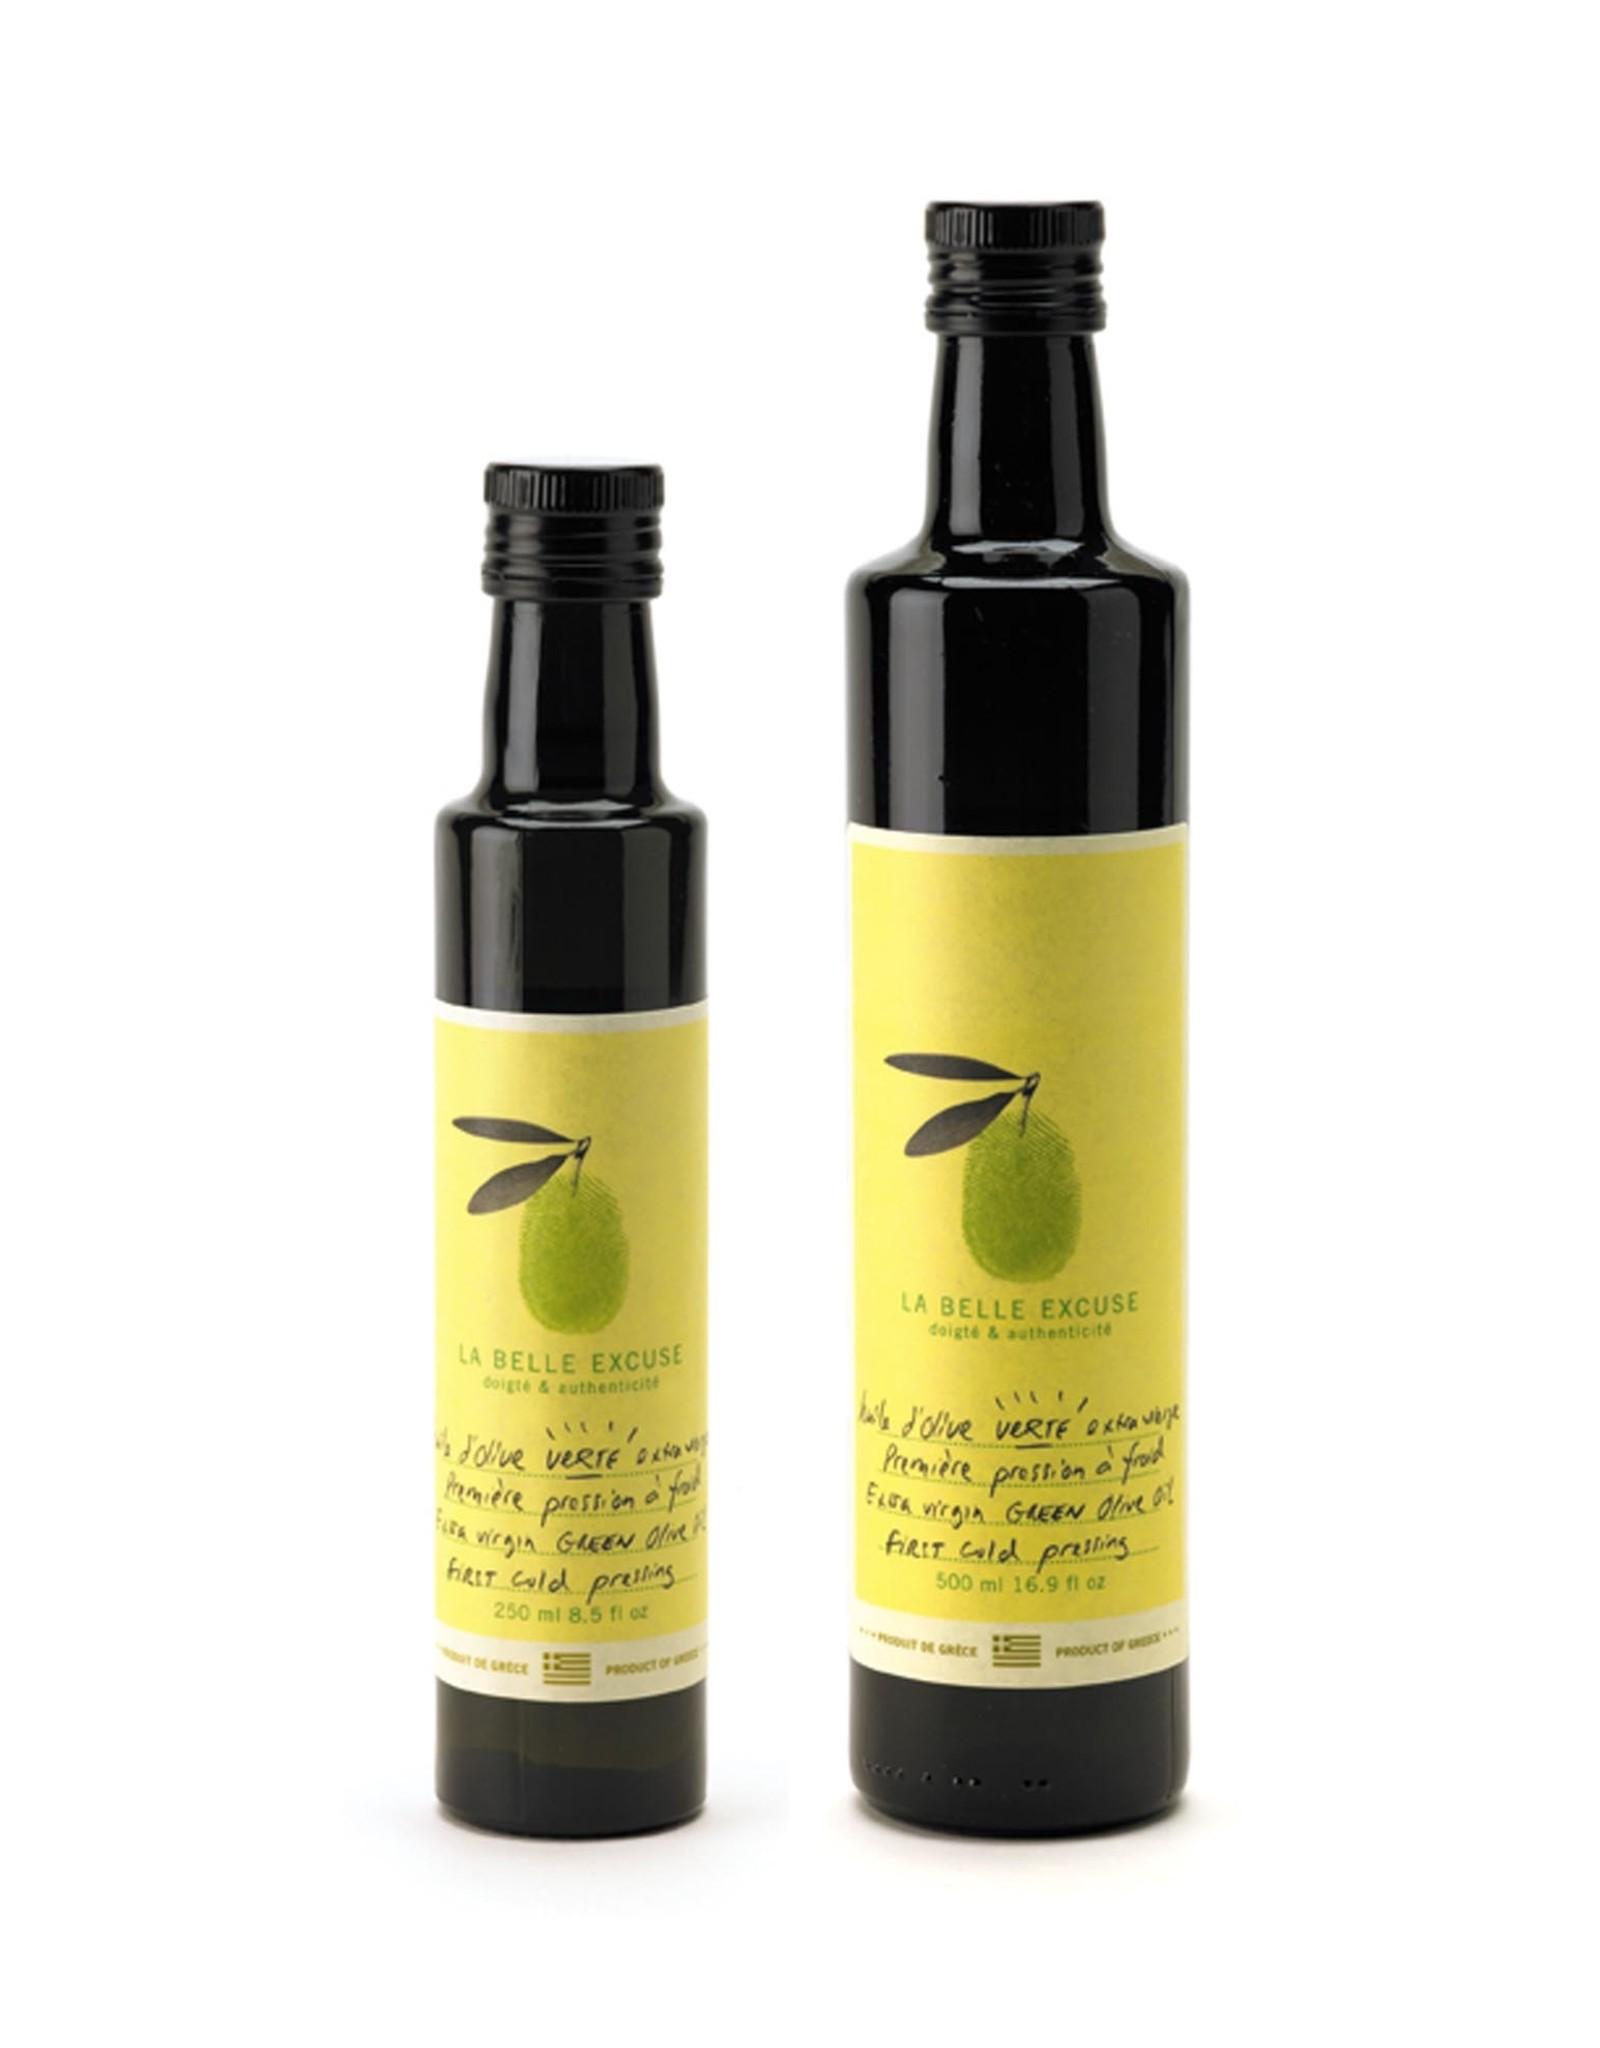 La Belle Excuse - Huile d'olives vertes 500 ml